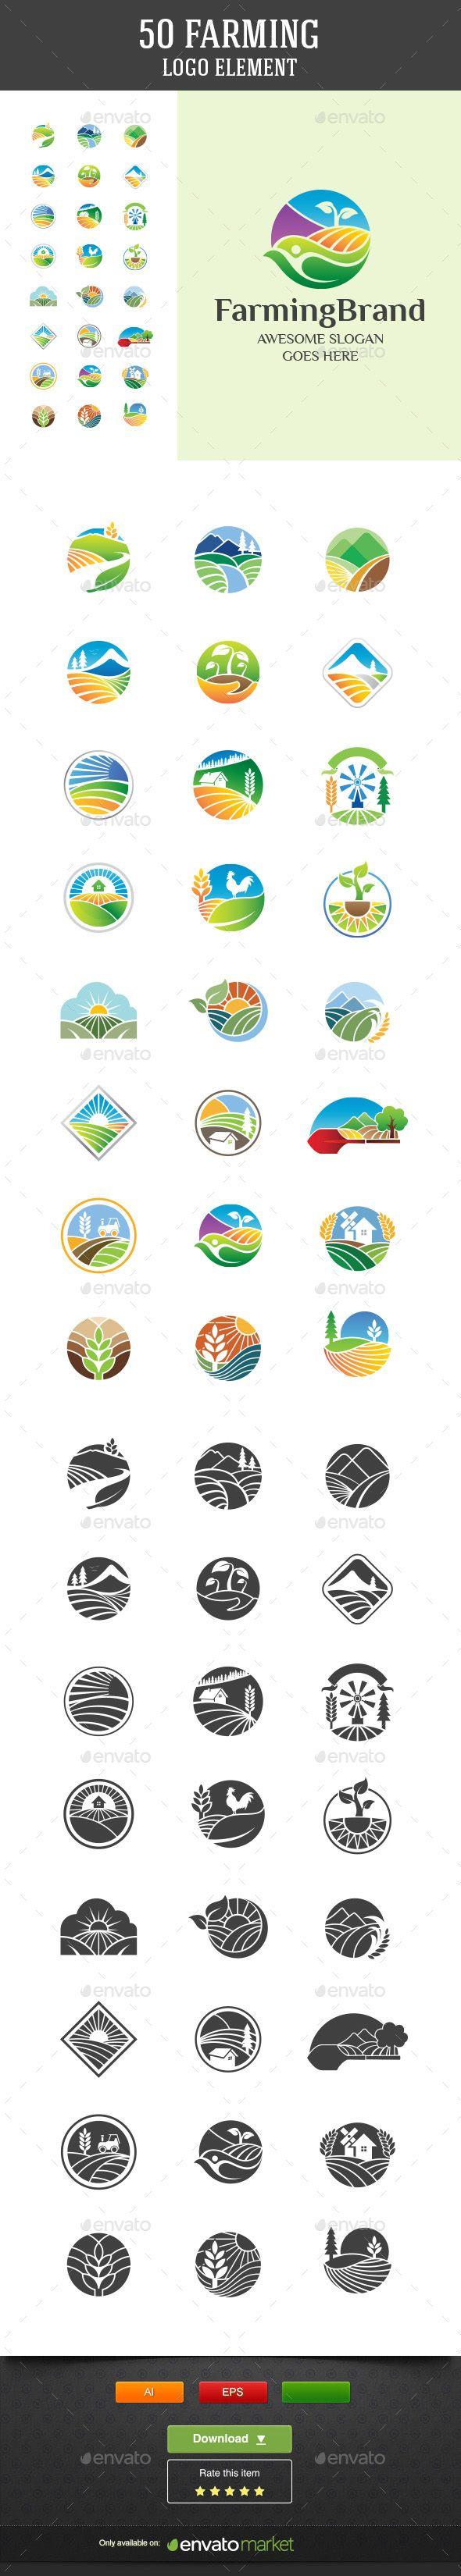 50 Farming Vector Logo Elements - Nature Conceptual